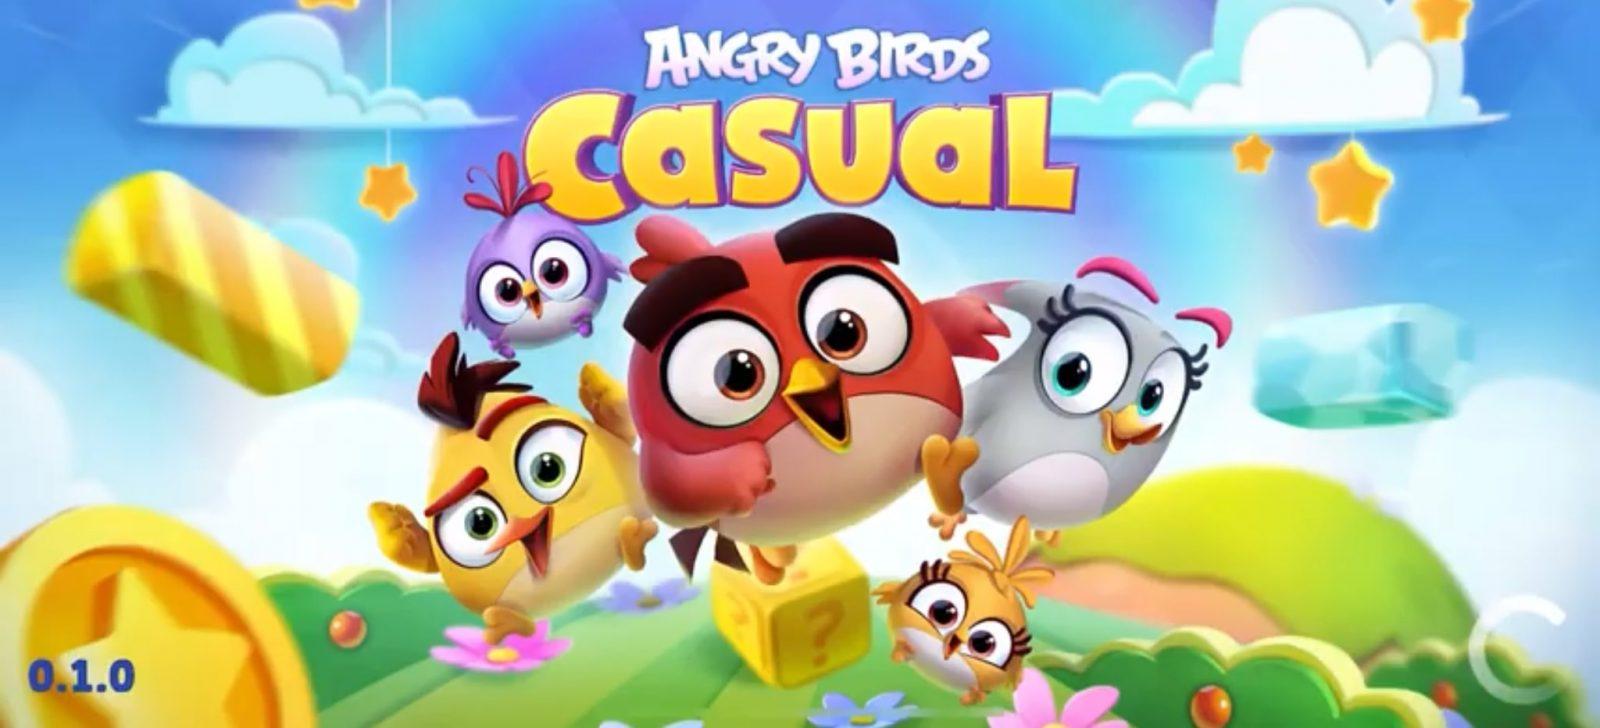 Злые птички возвращаются с игрой Angry Birds Casual